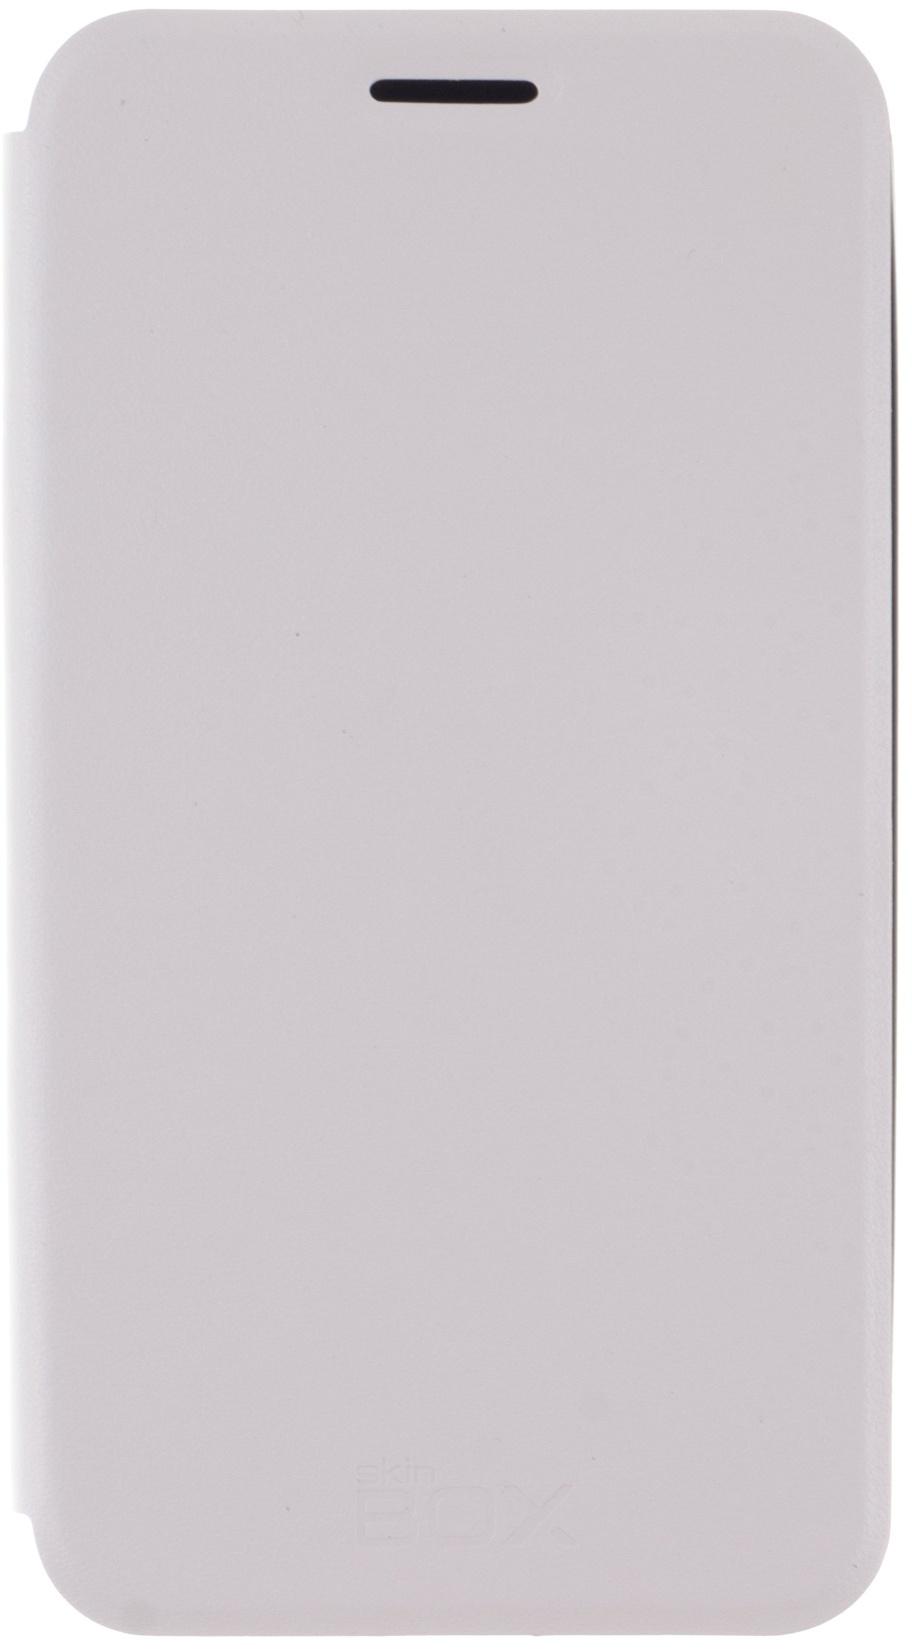 Чехол SkinBox Lux для Meizu MX4, 2000000076065, белый цена 2017